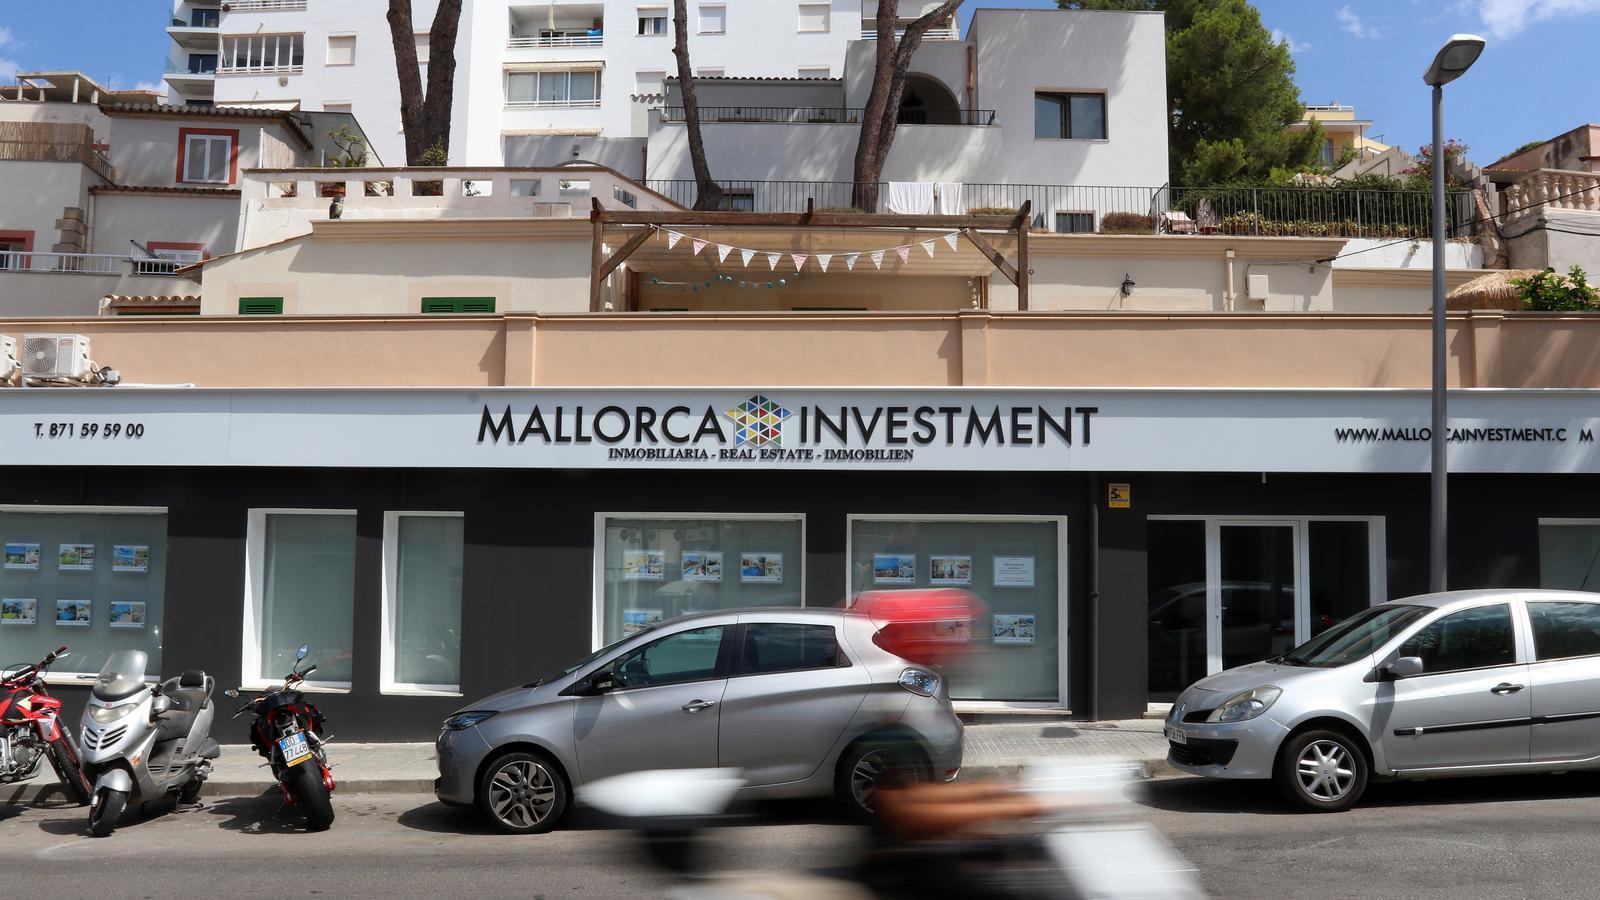 Operació policial contra les estafes immobiliàries a Mallorca